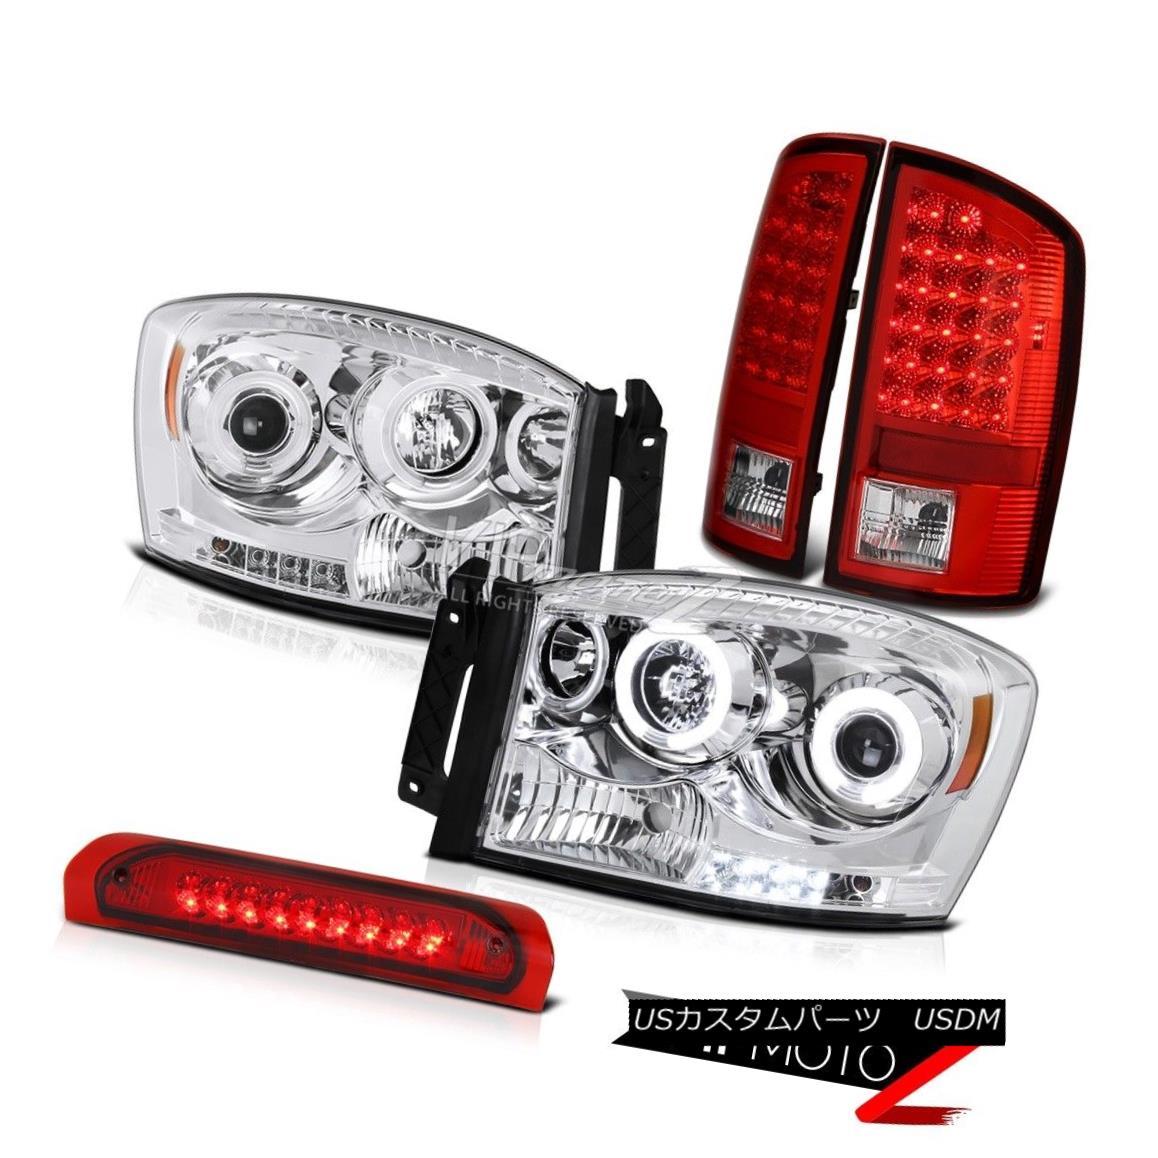 ヘッドライト CCFL Halo Projector Headlight+RED/CLEAR LED Taillamp+3rd Bake Lamp Dodge RAM 06 CCFL Haloプロジェクターヘッドライト+ RED /  CLEAR LEDテールランプ+ 3rdブレーキランプDodge RAM 06